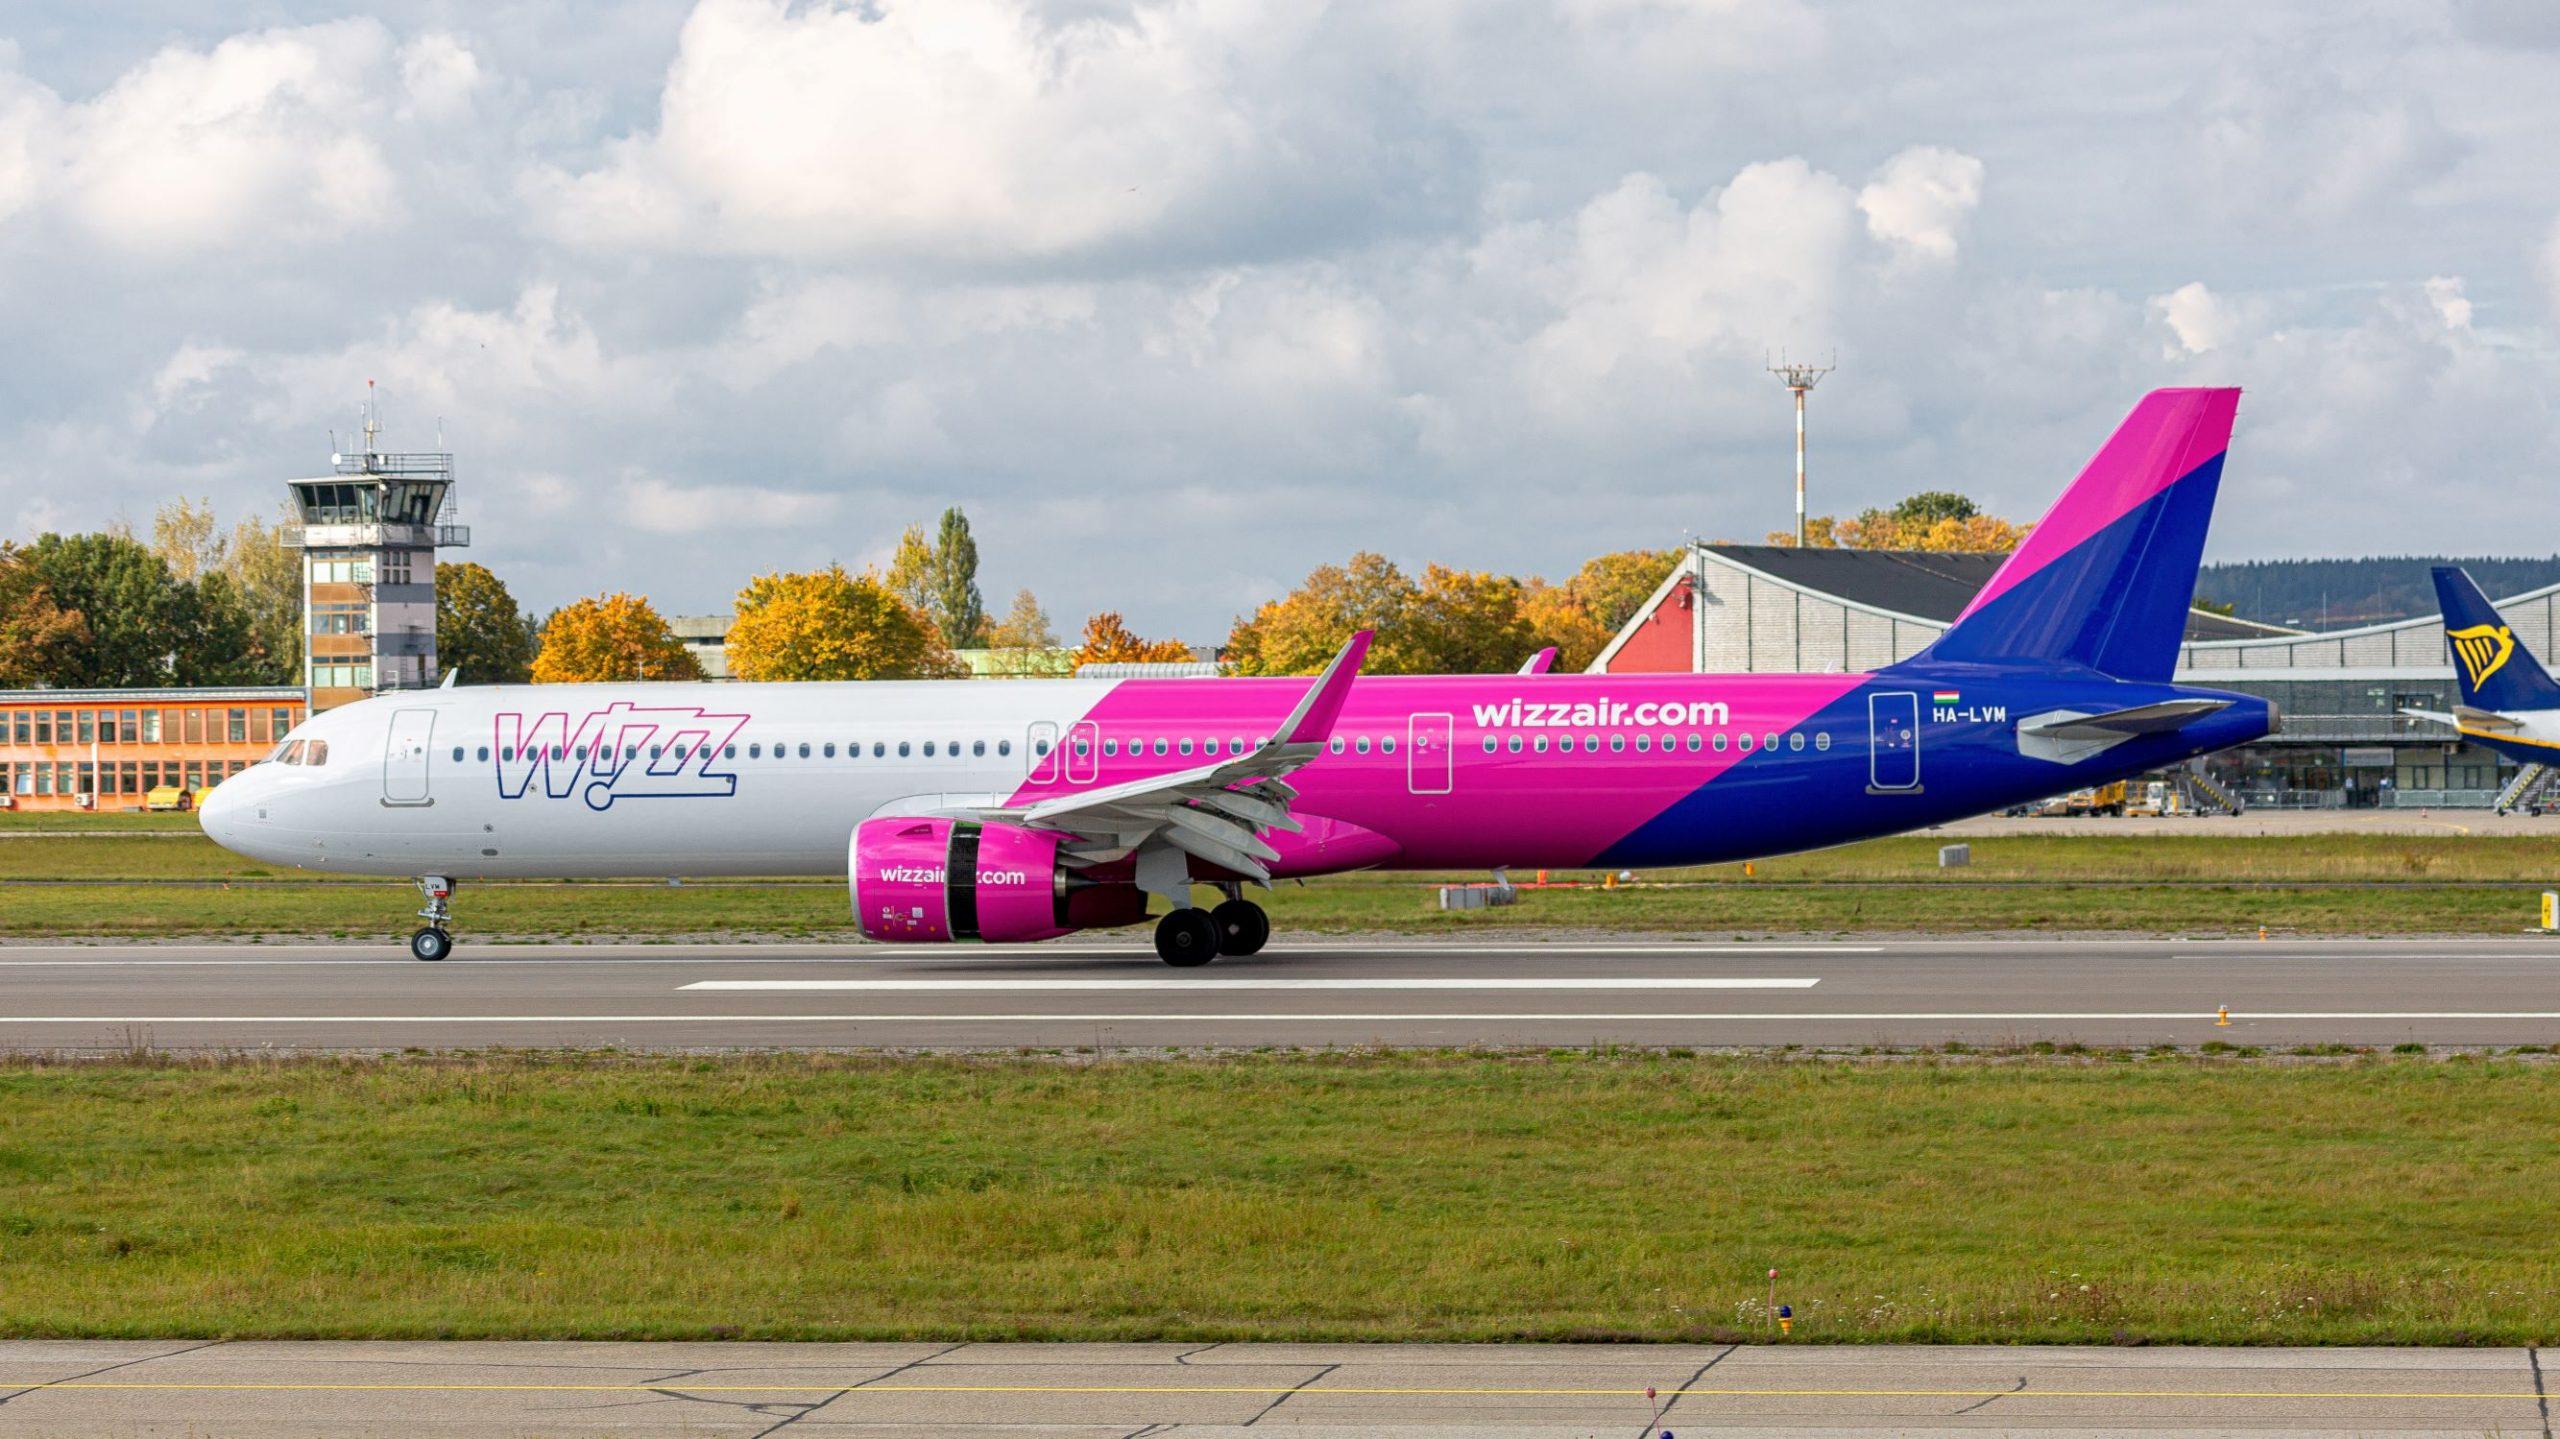 Flugzeug der Airline Wizz Air auf der Start- und Landebahn des Allgäu Airport